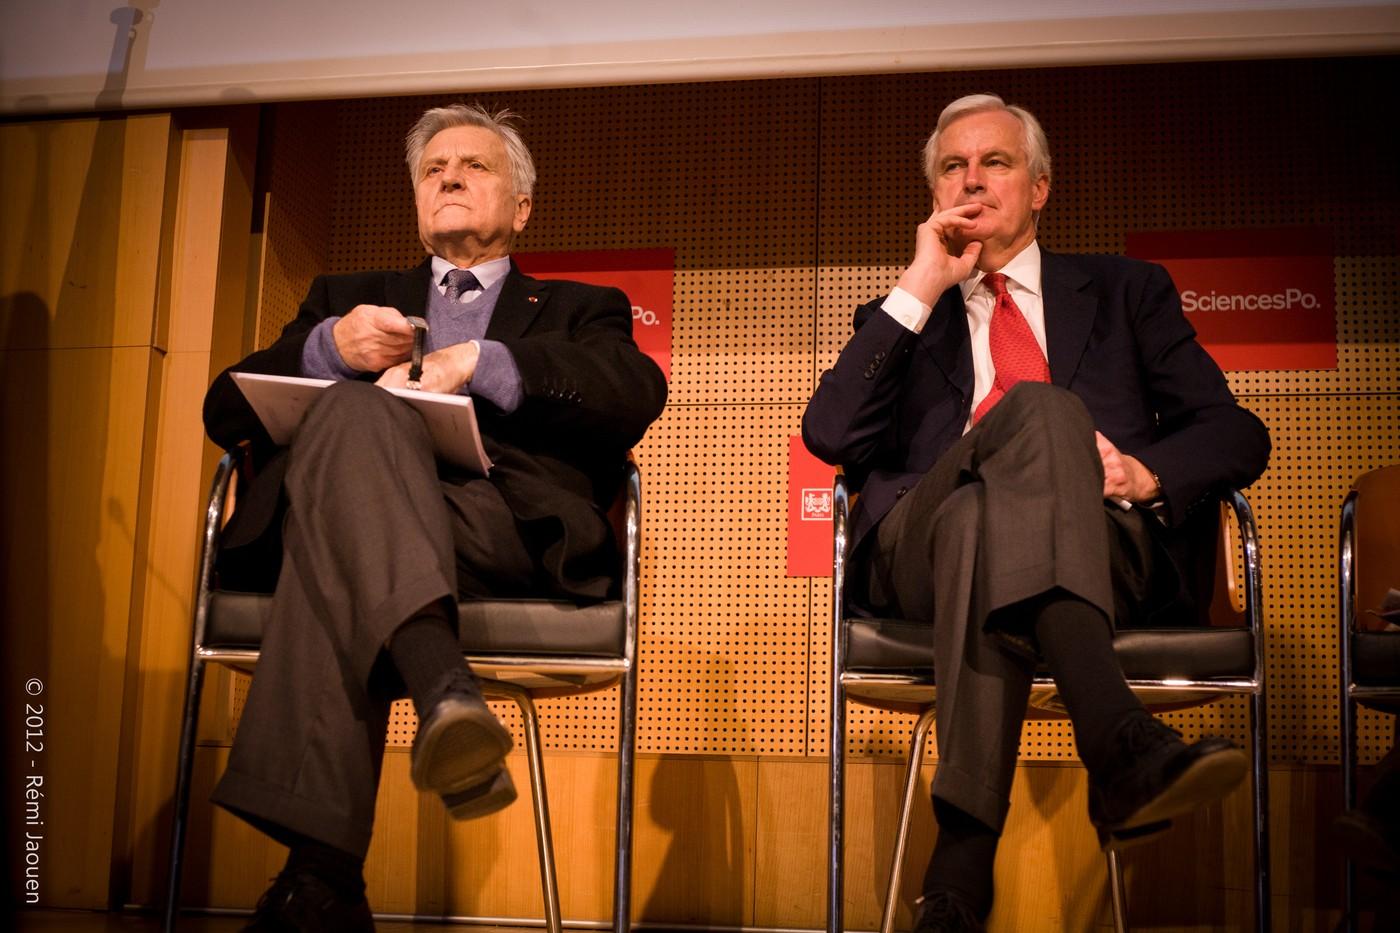 Michel Barnier États Généraux de l'Europe Rémi Jaouen Reportage photo Politique Corporate